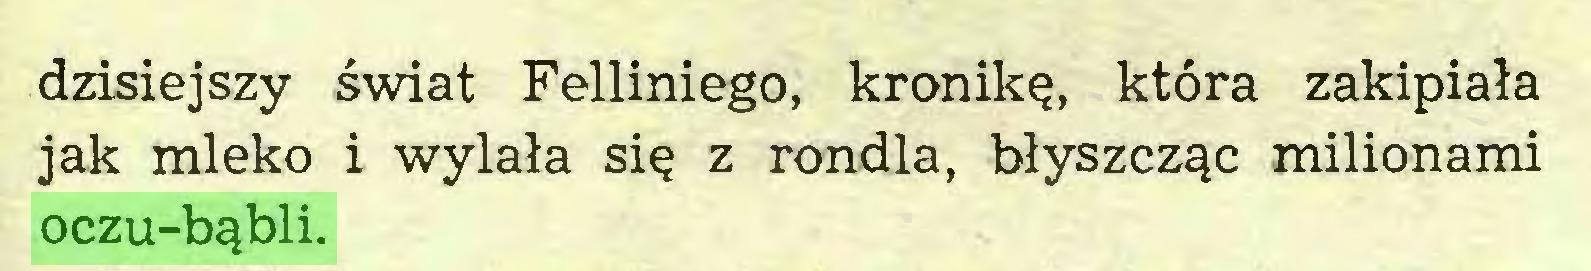 (...) dzisiejszy świat Felliniego, kronikę, która zakipiała jak mleko i wylała się z rondla, błyszcząc milionami oczu-bąbli...